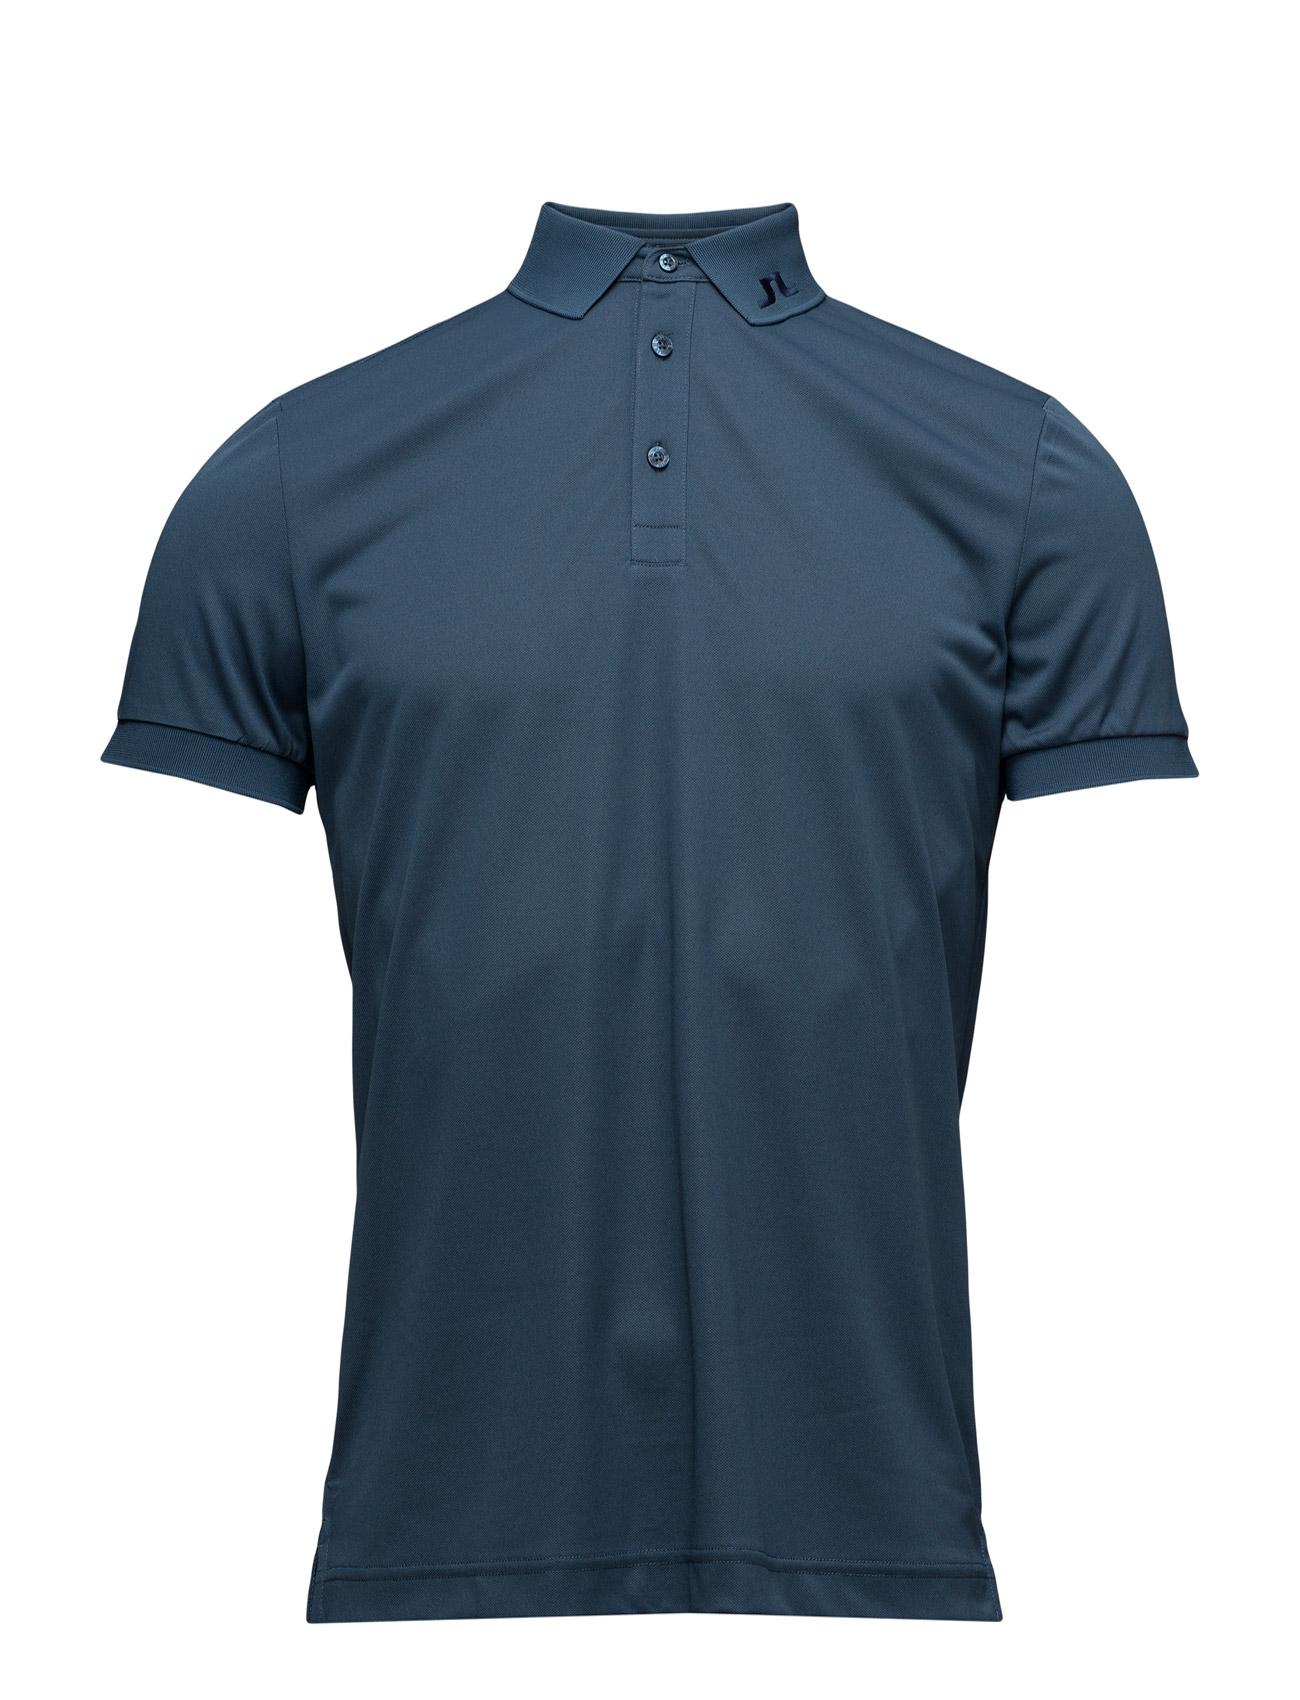 M Kv Reg Tx Pique J. Lindeberg Golf Golf polo t-shirts til Mænd i indigo